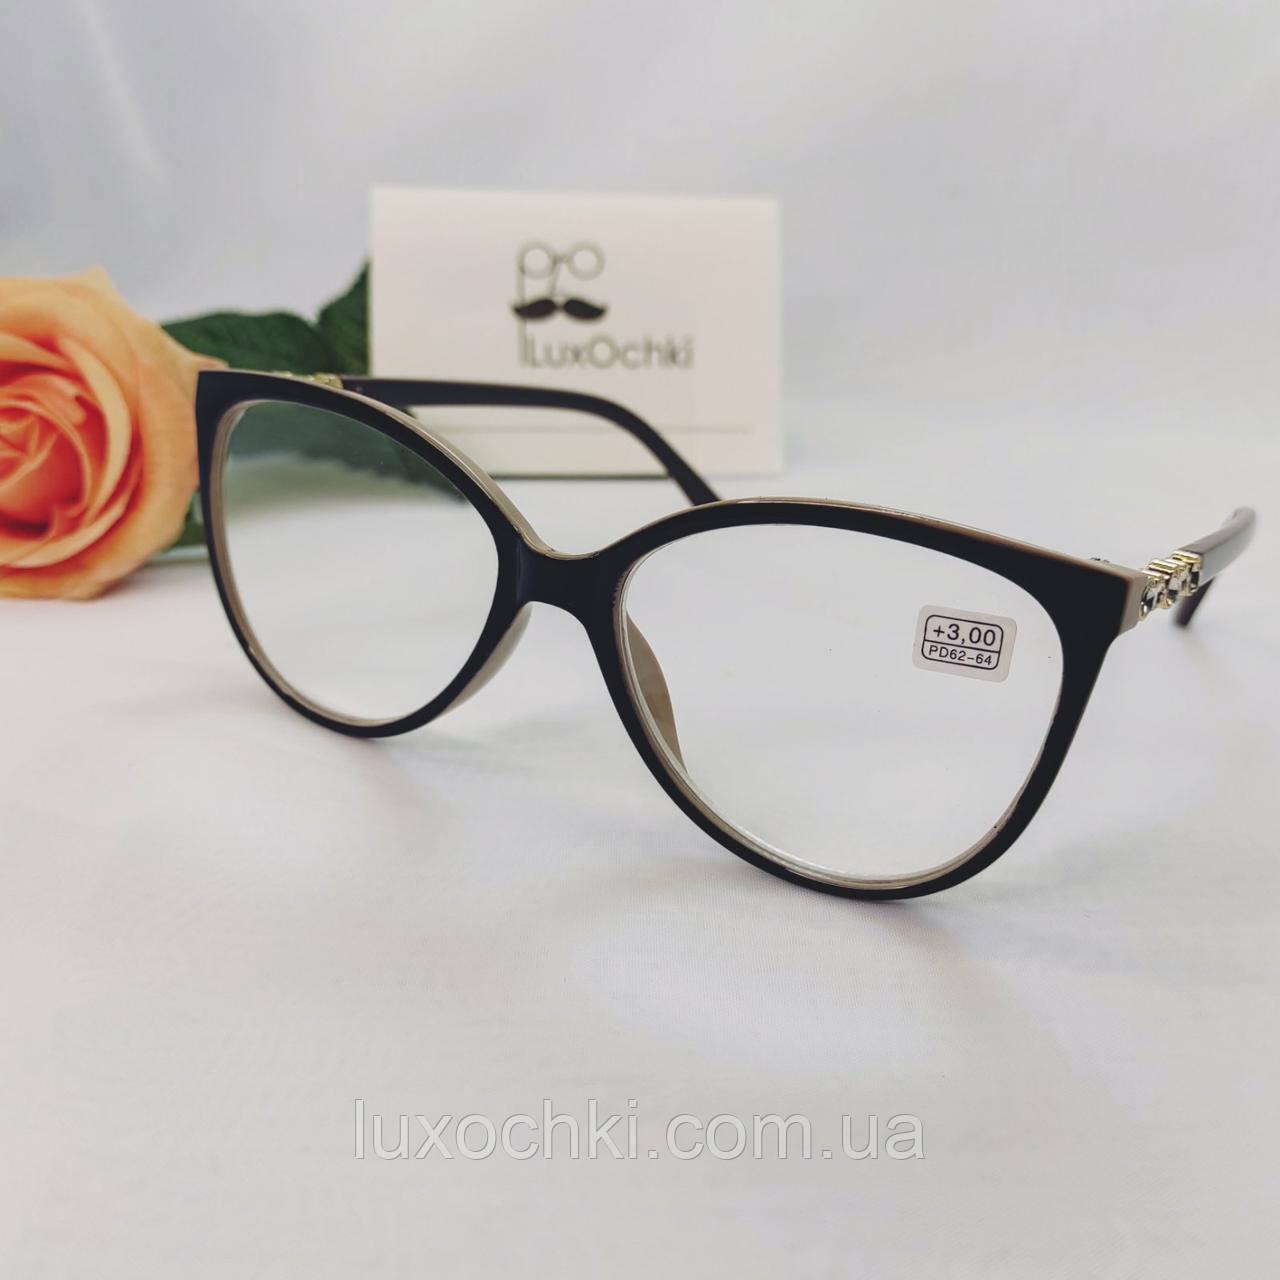 +4.0 Готовые диоптрические женские очки в пластиковой черно-бежевой оправе